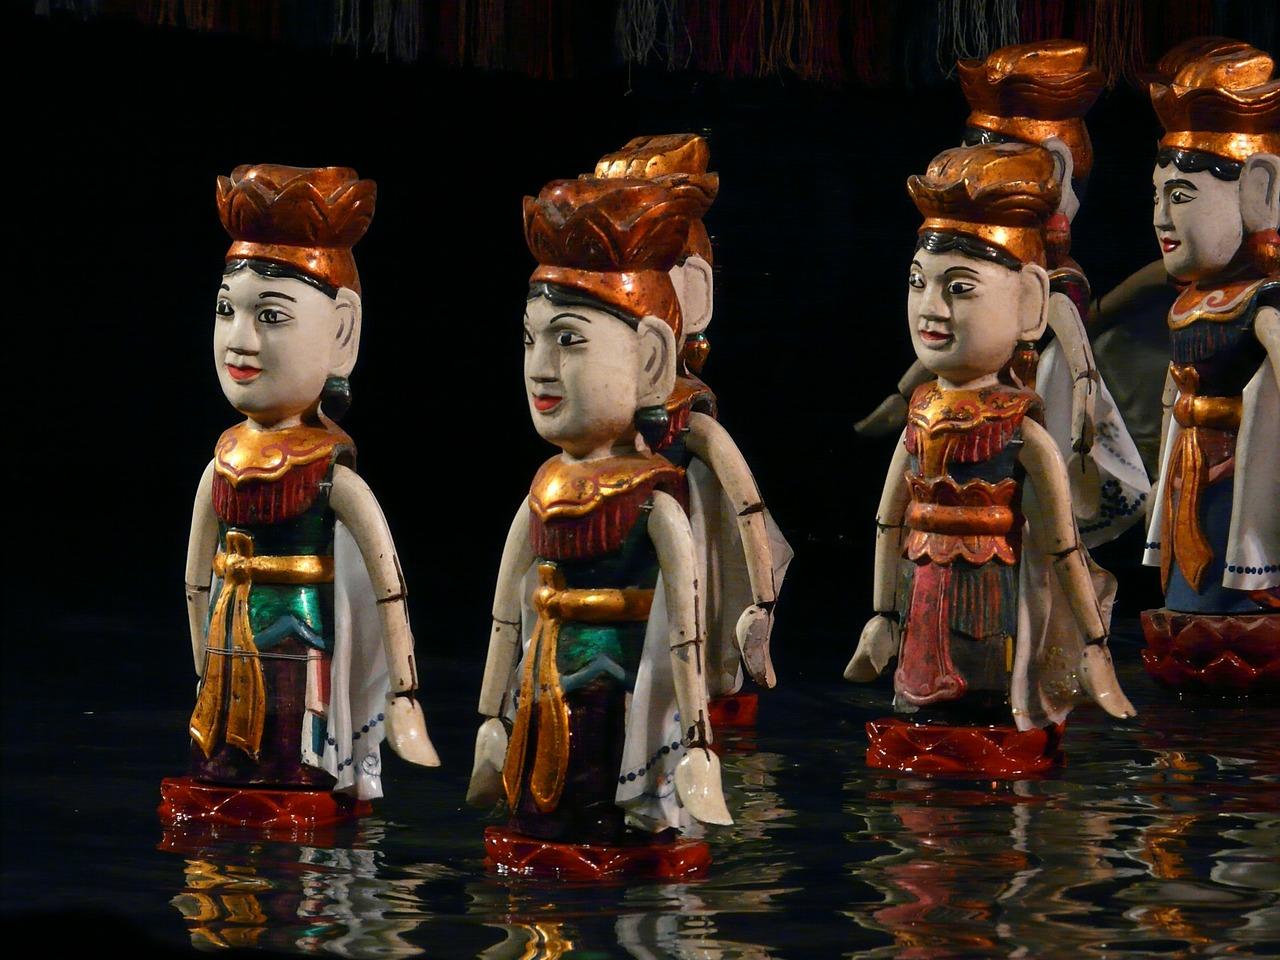 Lịch sử Hà Nội - thủ đô ngàn năm văn hiến ghi dấu bao biến cố thăng trầm   - Ảnh 4.